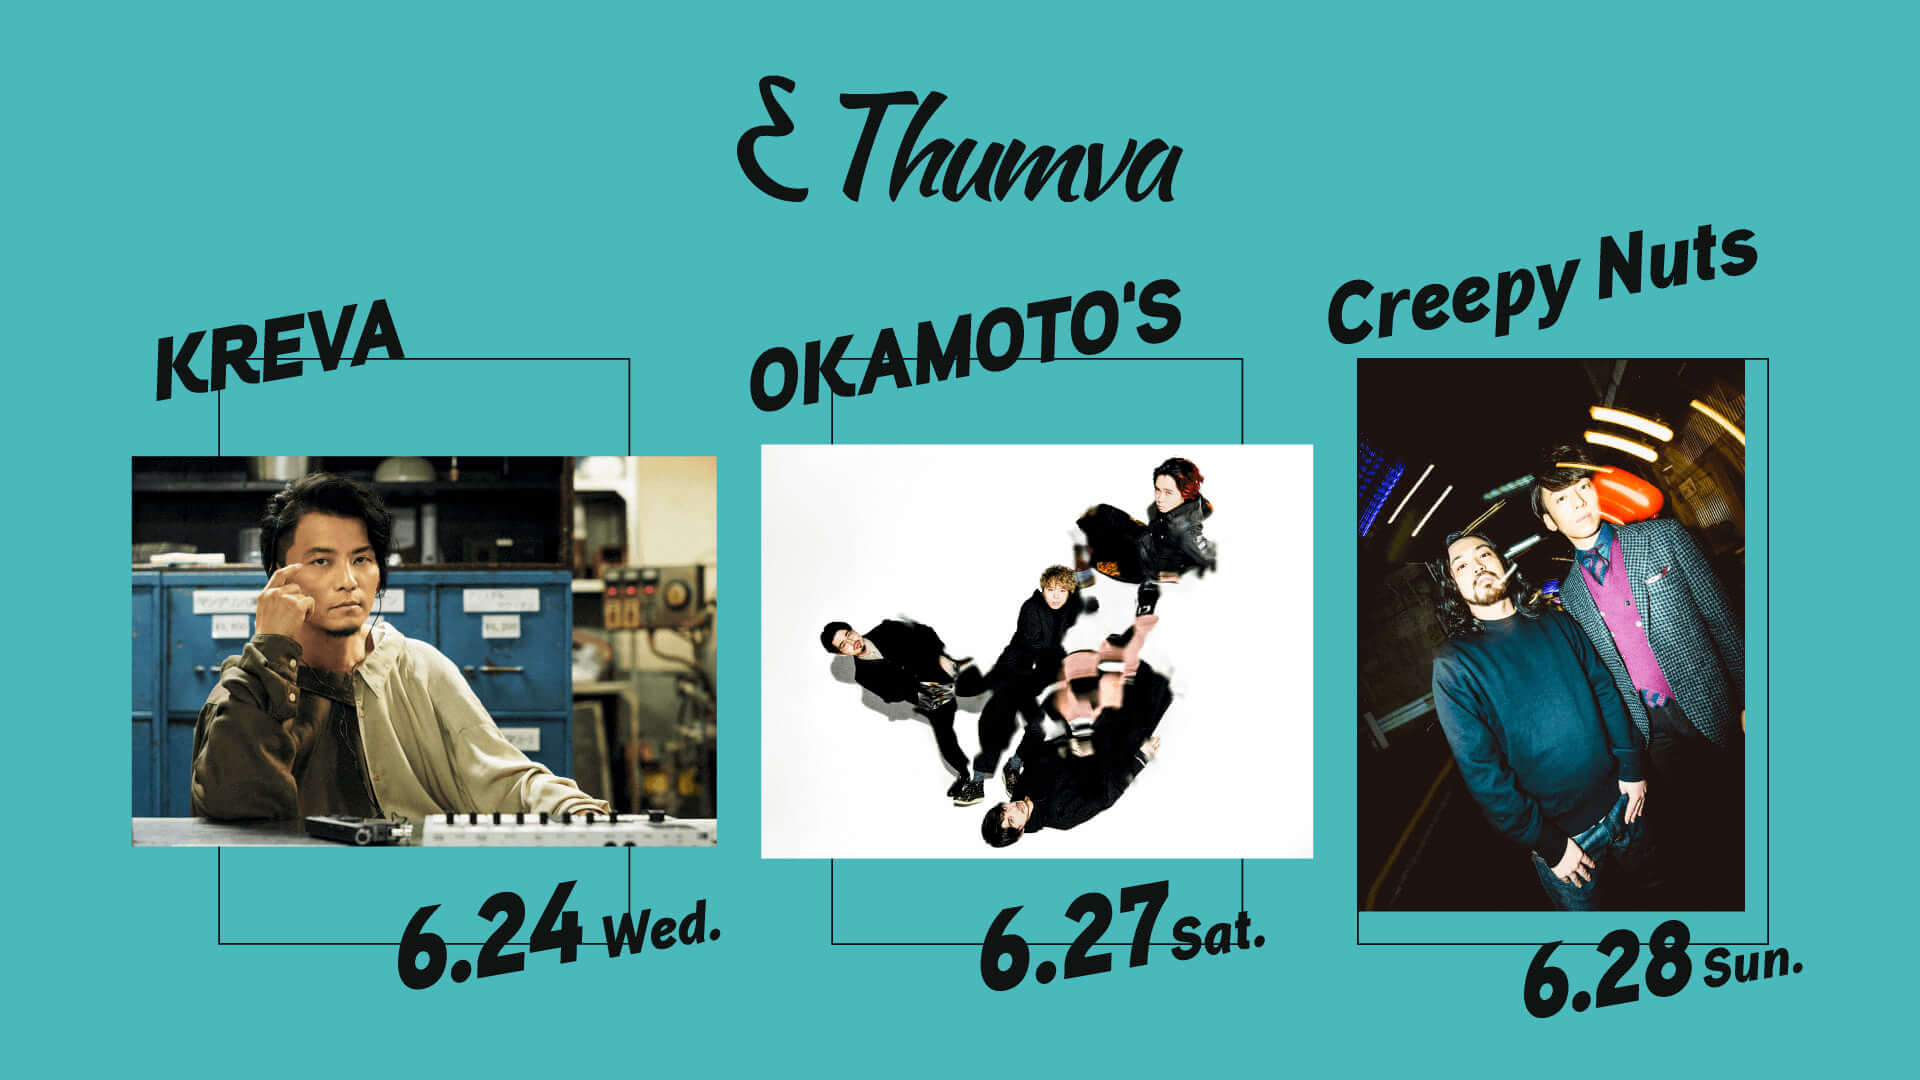 新たな音楽体験を!ライブ配信サービス「Thumva」明日スタート|KREVAに続きOKAMOTO'S、Creepy Nutsらがラインナップ music200623_thumva_main-1920x1080